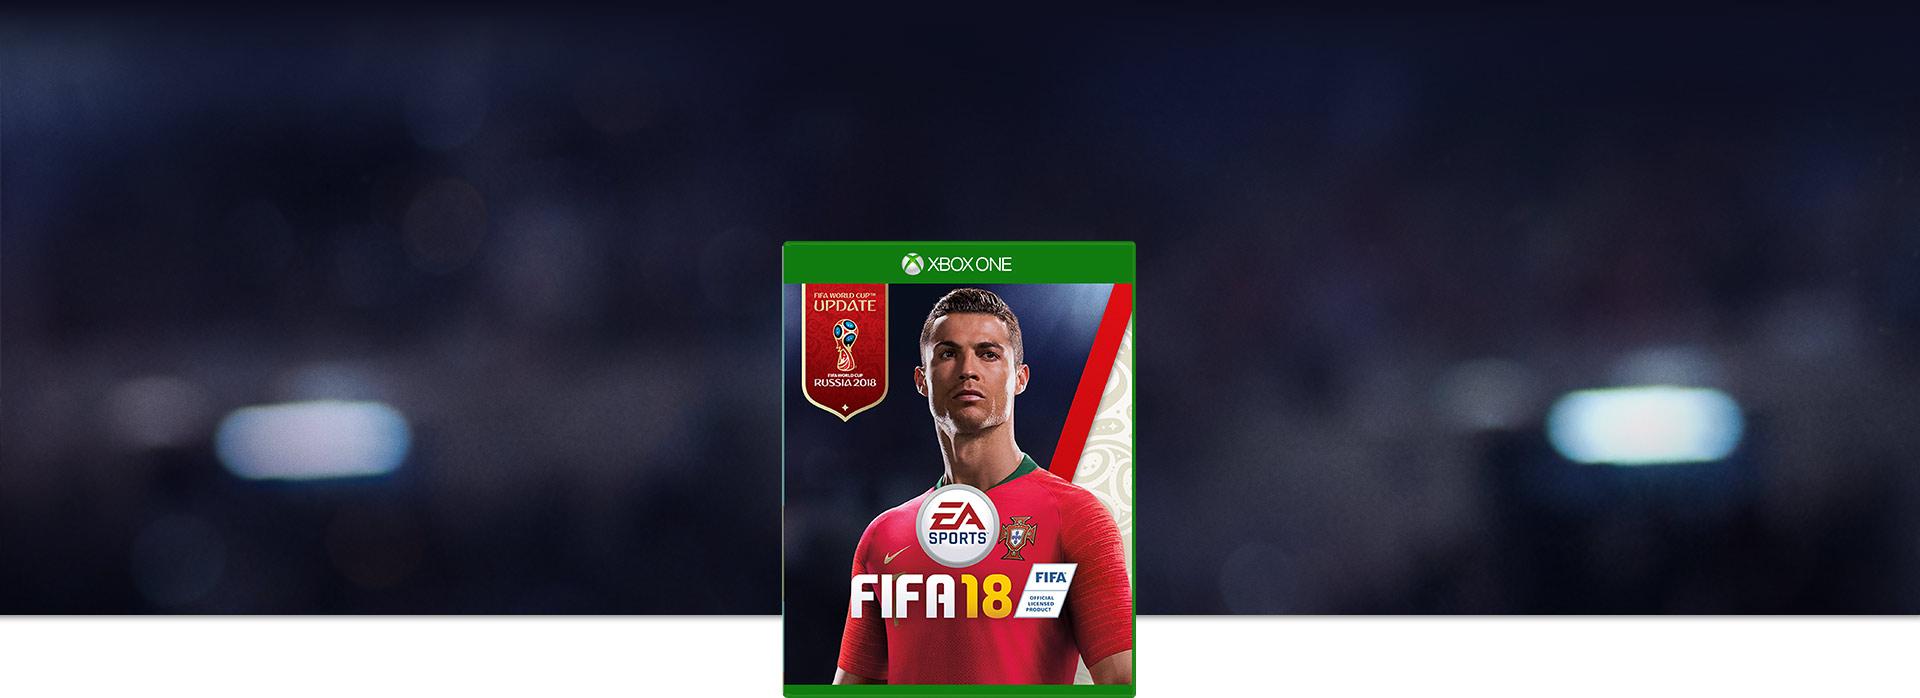 Boîte FIFA18, Ronaldo portant le maillot du Portugal de la Coupe du Monde